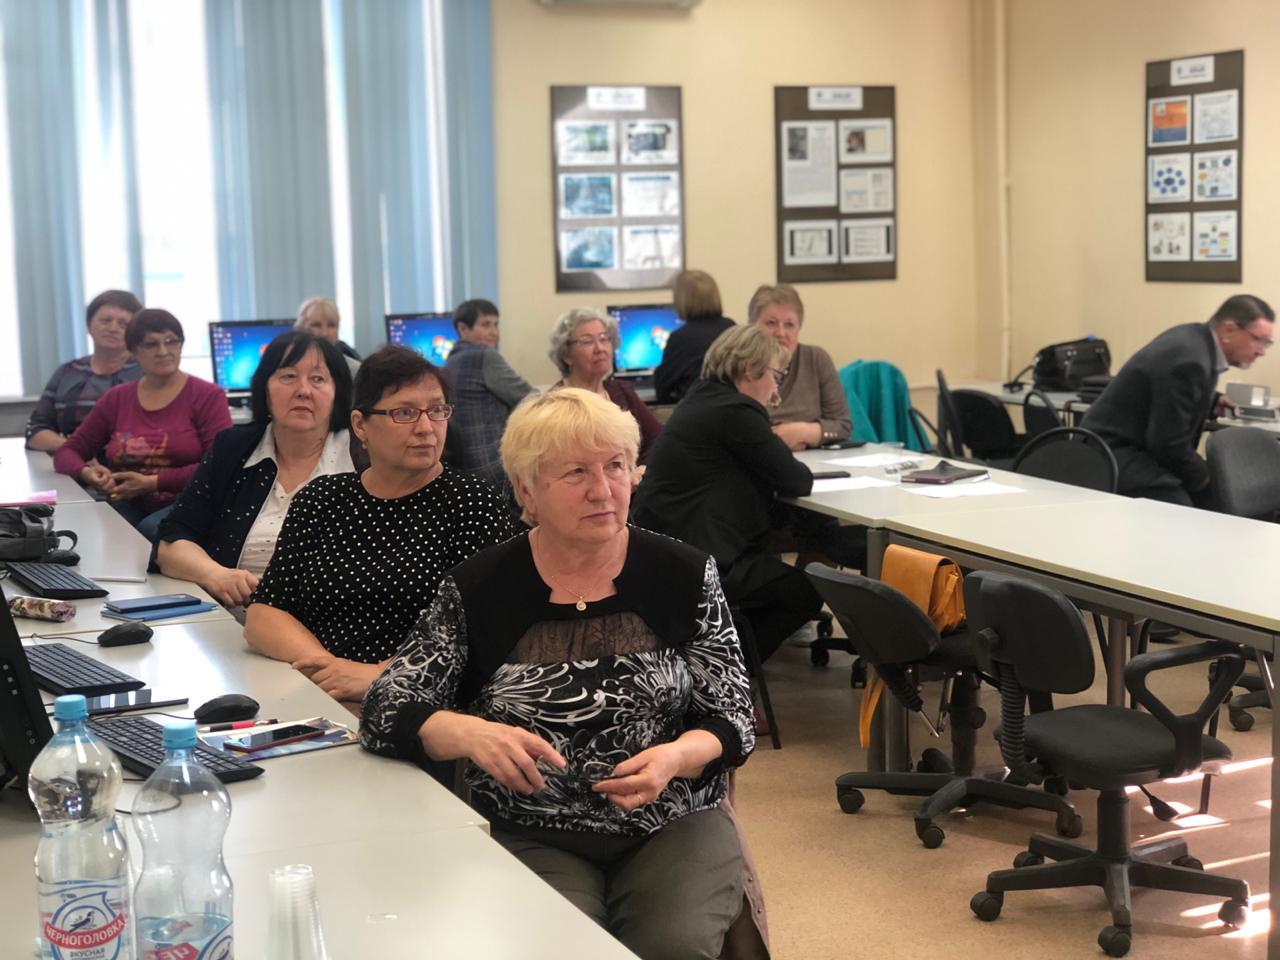 Представители ярославского IТ-клуба примут участие в IX Всероссийском чемпионате по компьютерному многоборью среди пенсионеров